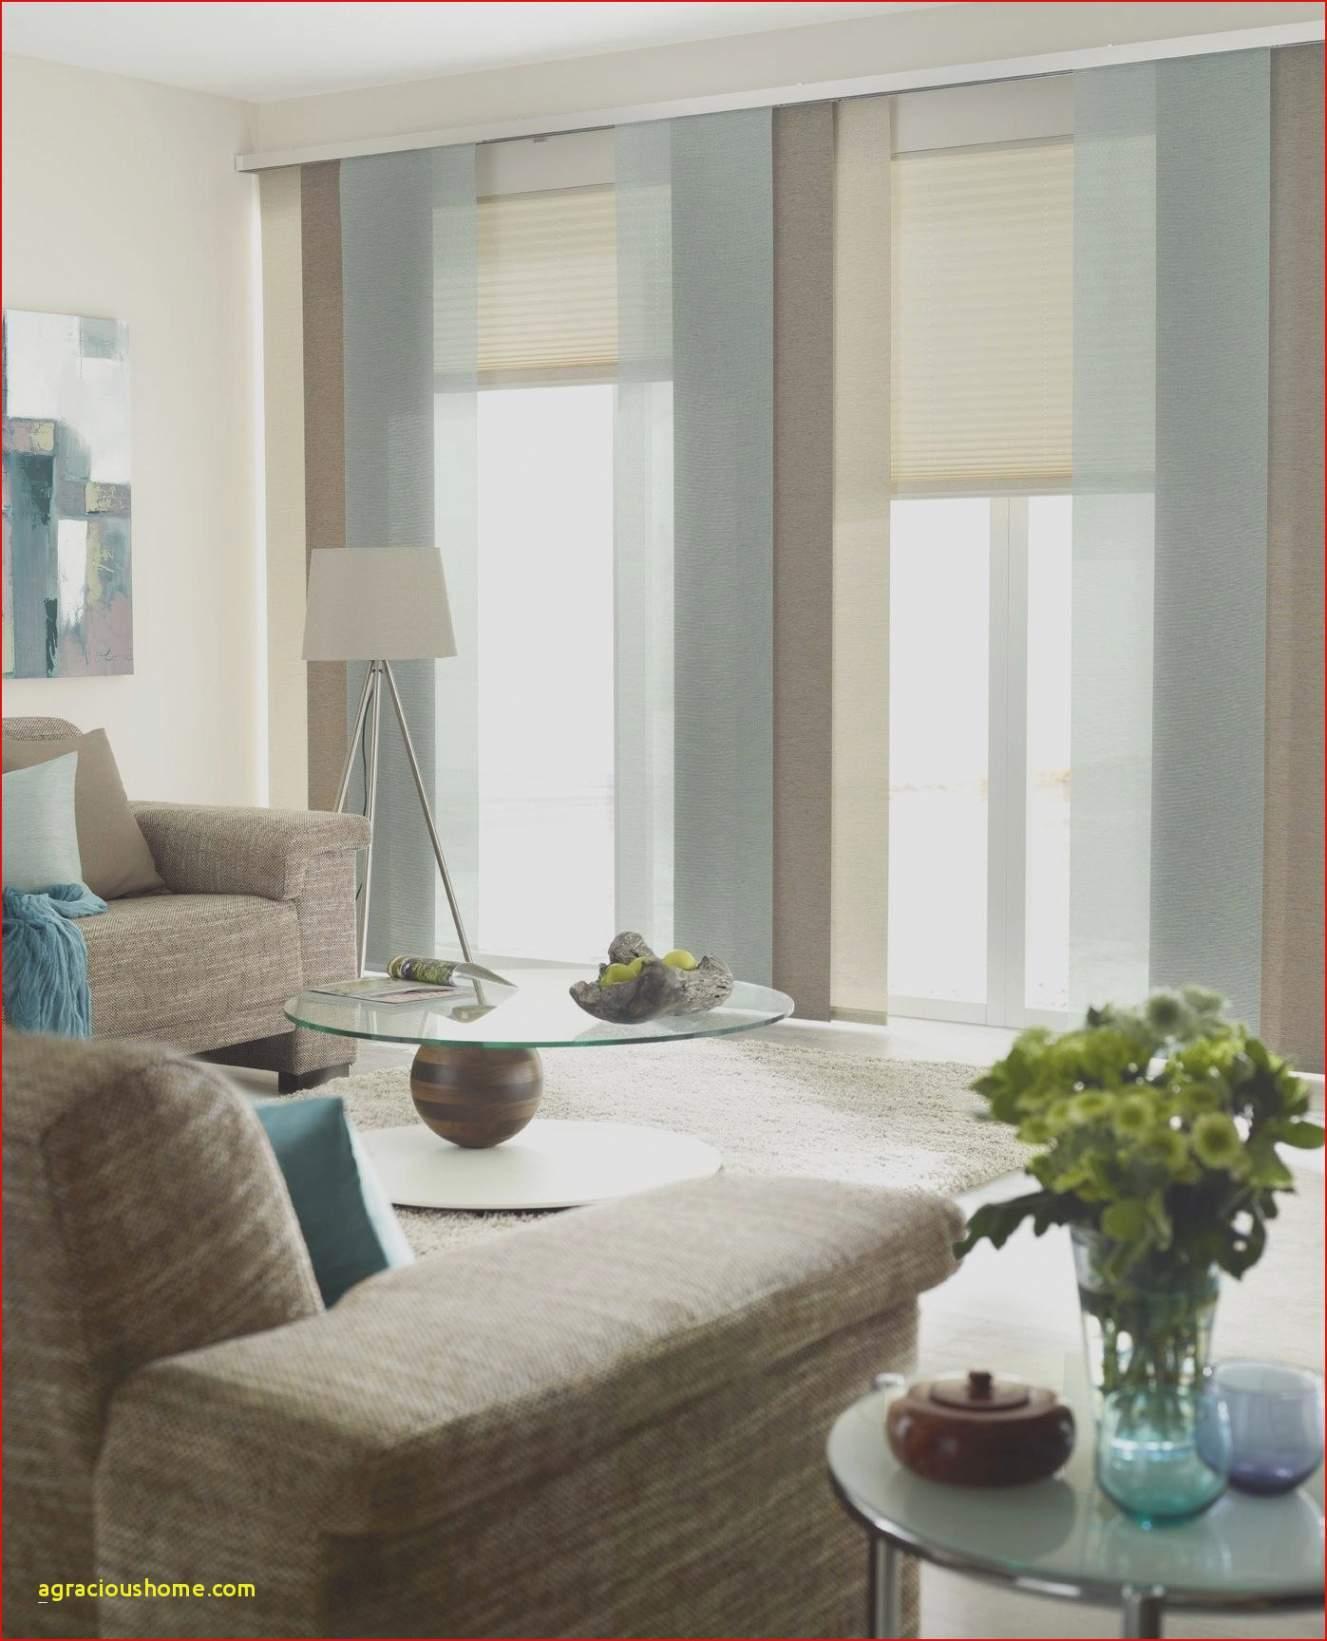 Full Size of Wohnzimmer Gardinen 32 Einzigartig Modern Ideen Schn Led Lampen Board Bilder Xxl Küche Deckenleuchten Deko Landhausstil Stehleuchte Deckenleuchte Vorhang Wohnzimmer Wohnzimmer Gardinen